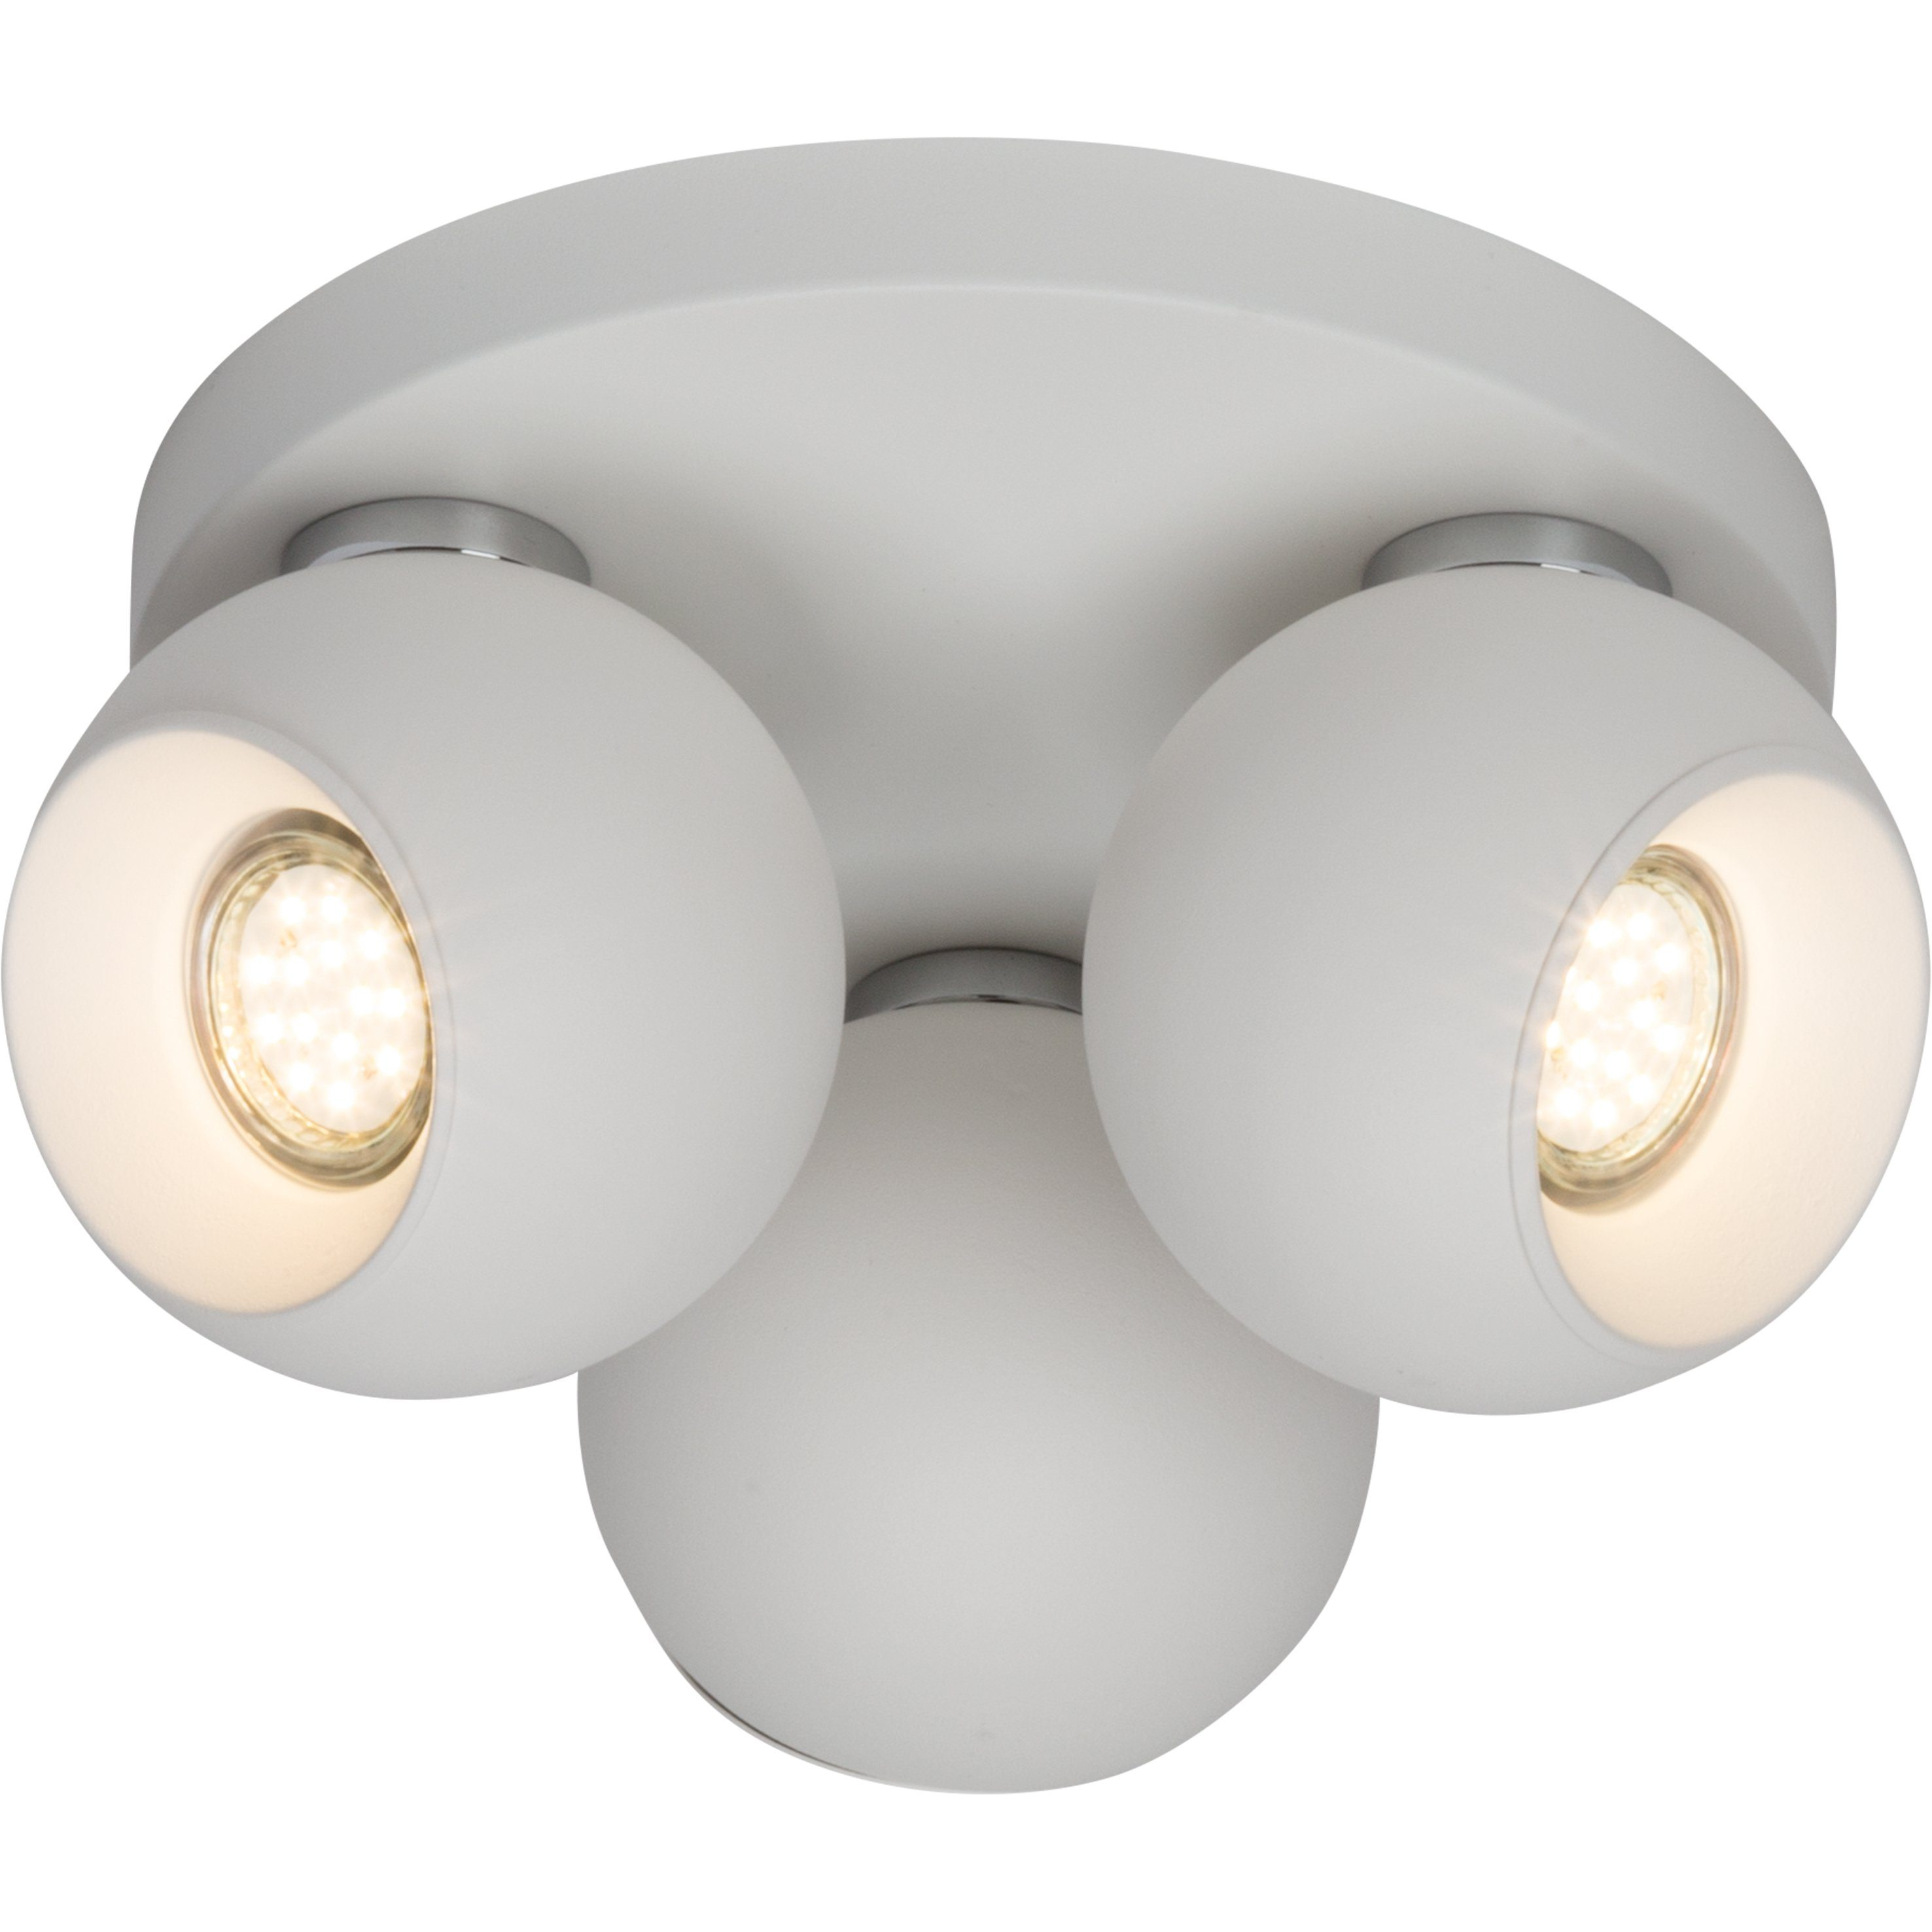 Brilliant Leuchten White Ball Spotrondell, 3-flammig weiß